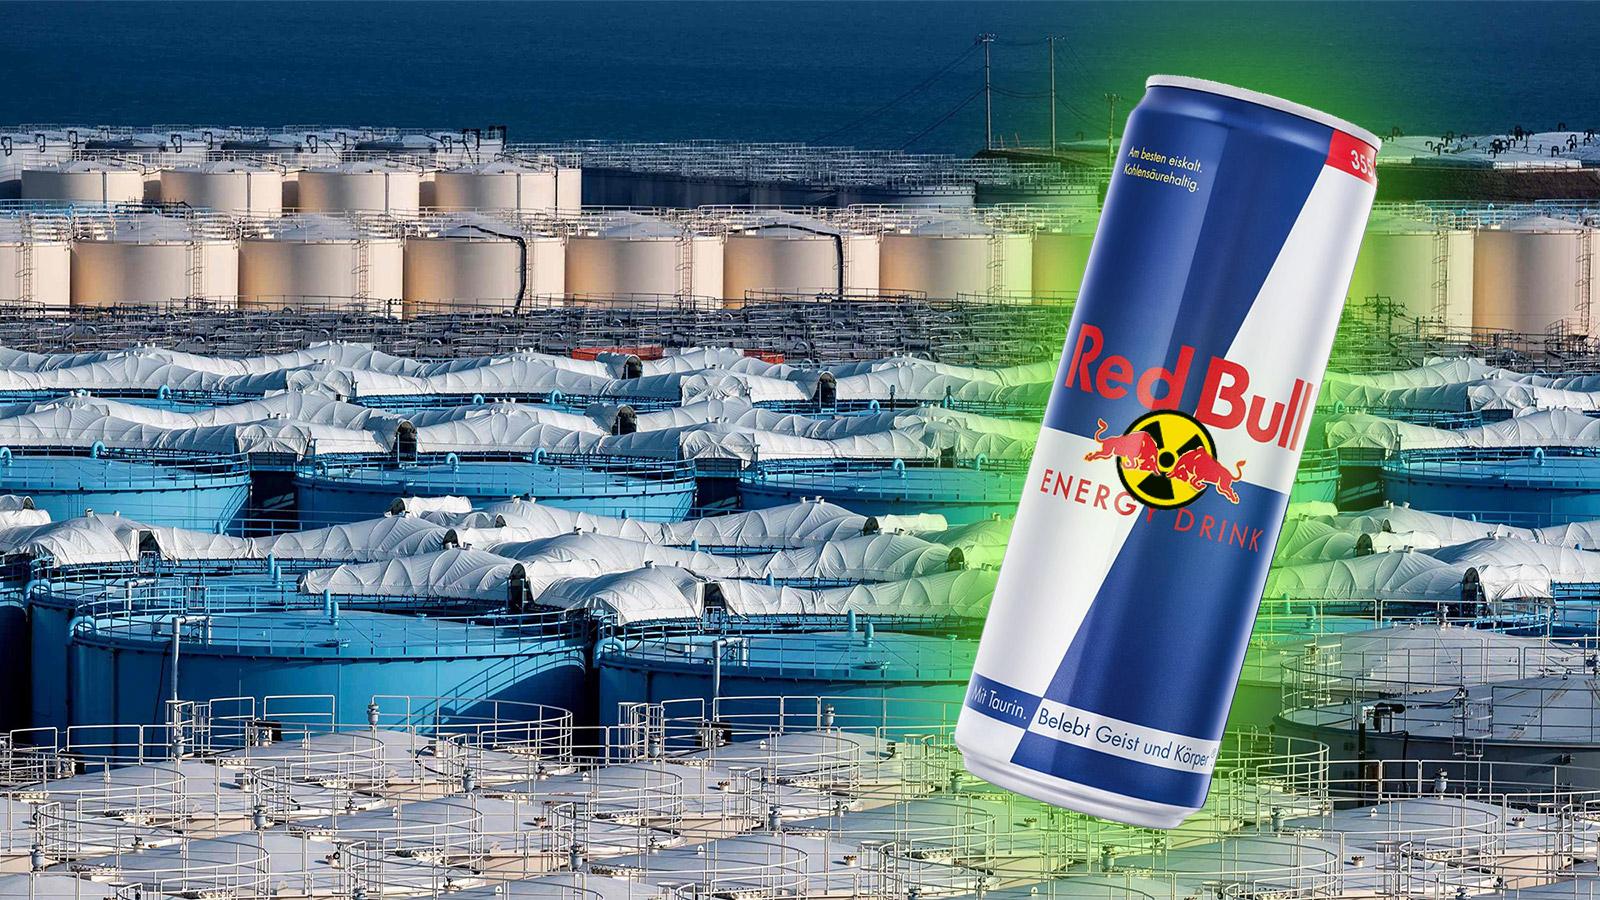 F-r-neuen-Energy-Drink-Red-Bull-sichert-sich-kontaminiertes-K-hlwasser-aus-Fukushima